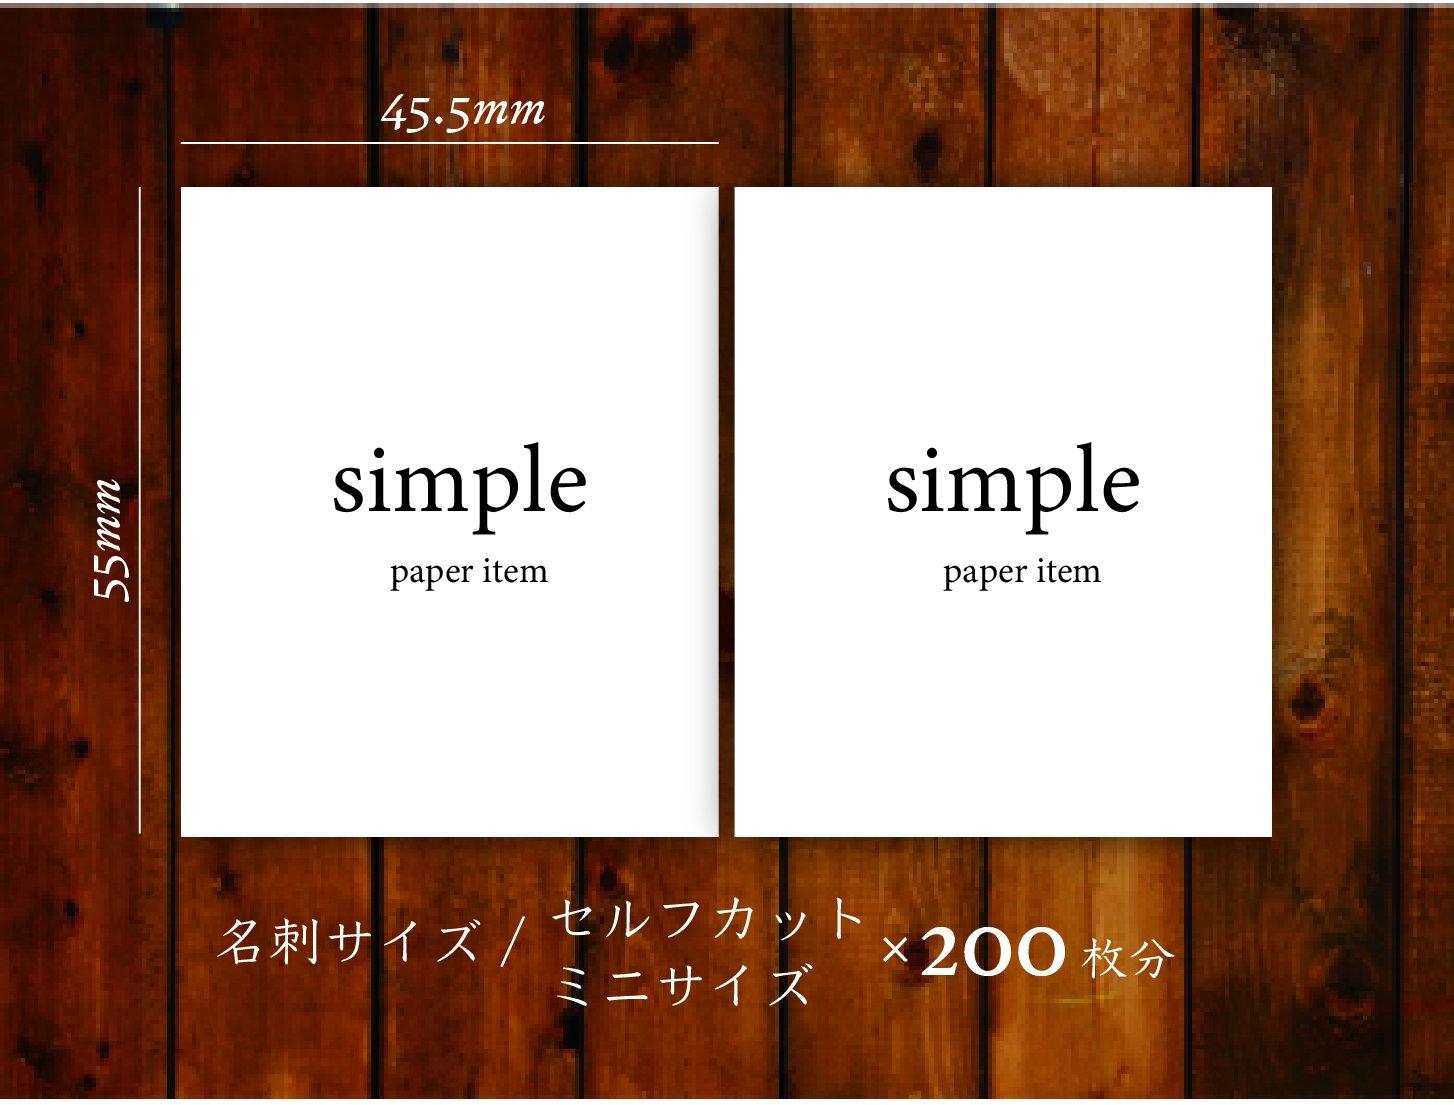 <ミニサイズ><br>基本プラン3000円~/100枚(カット後200枚分)